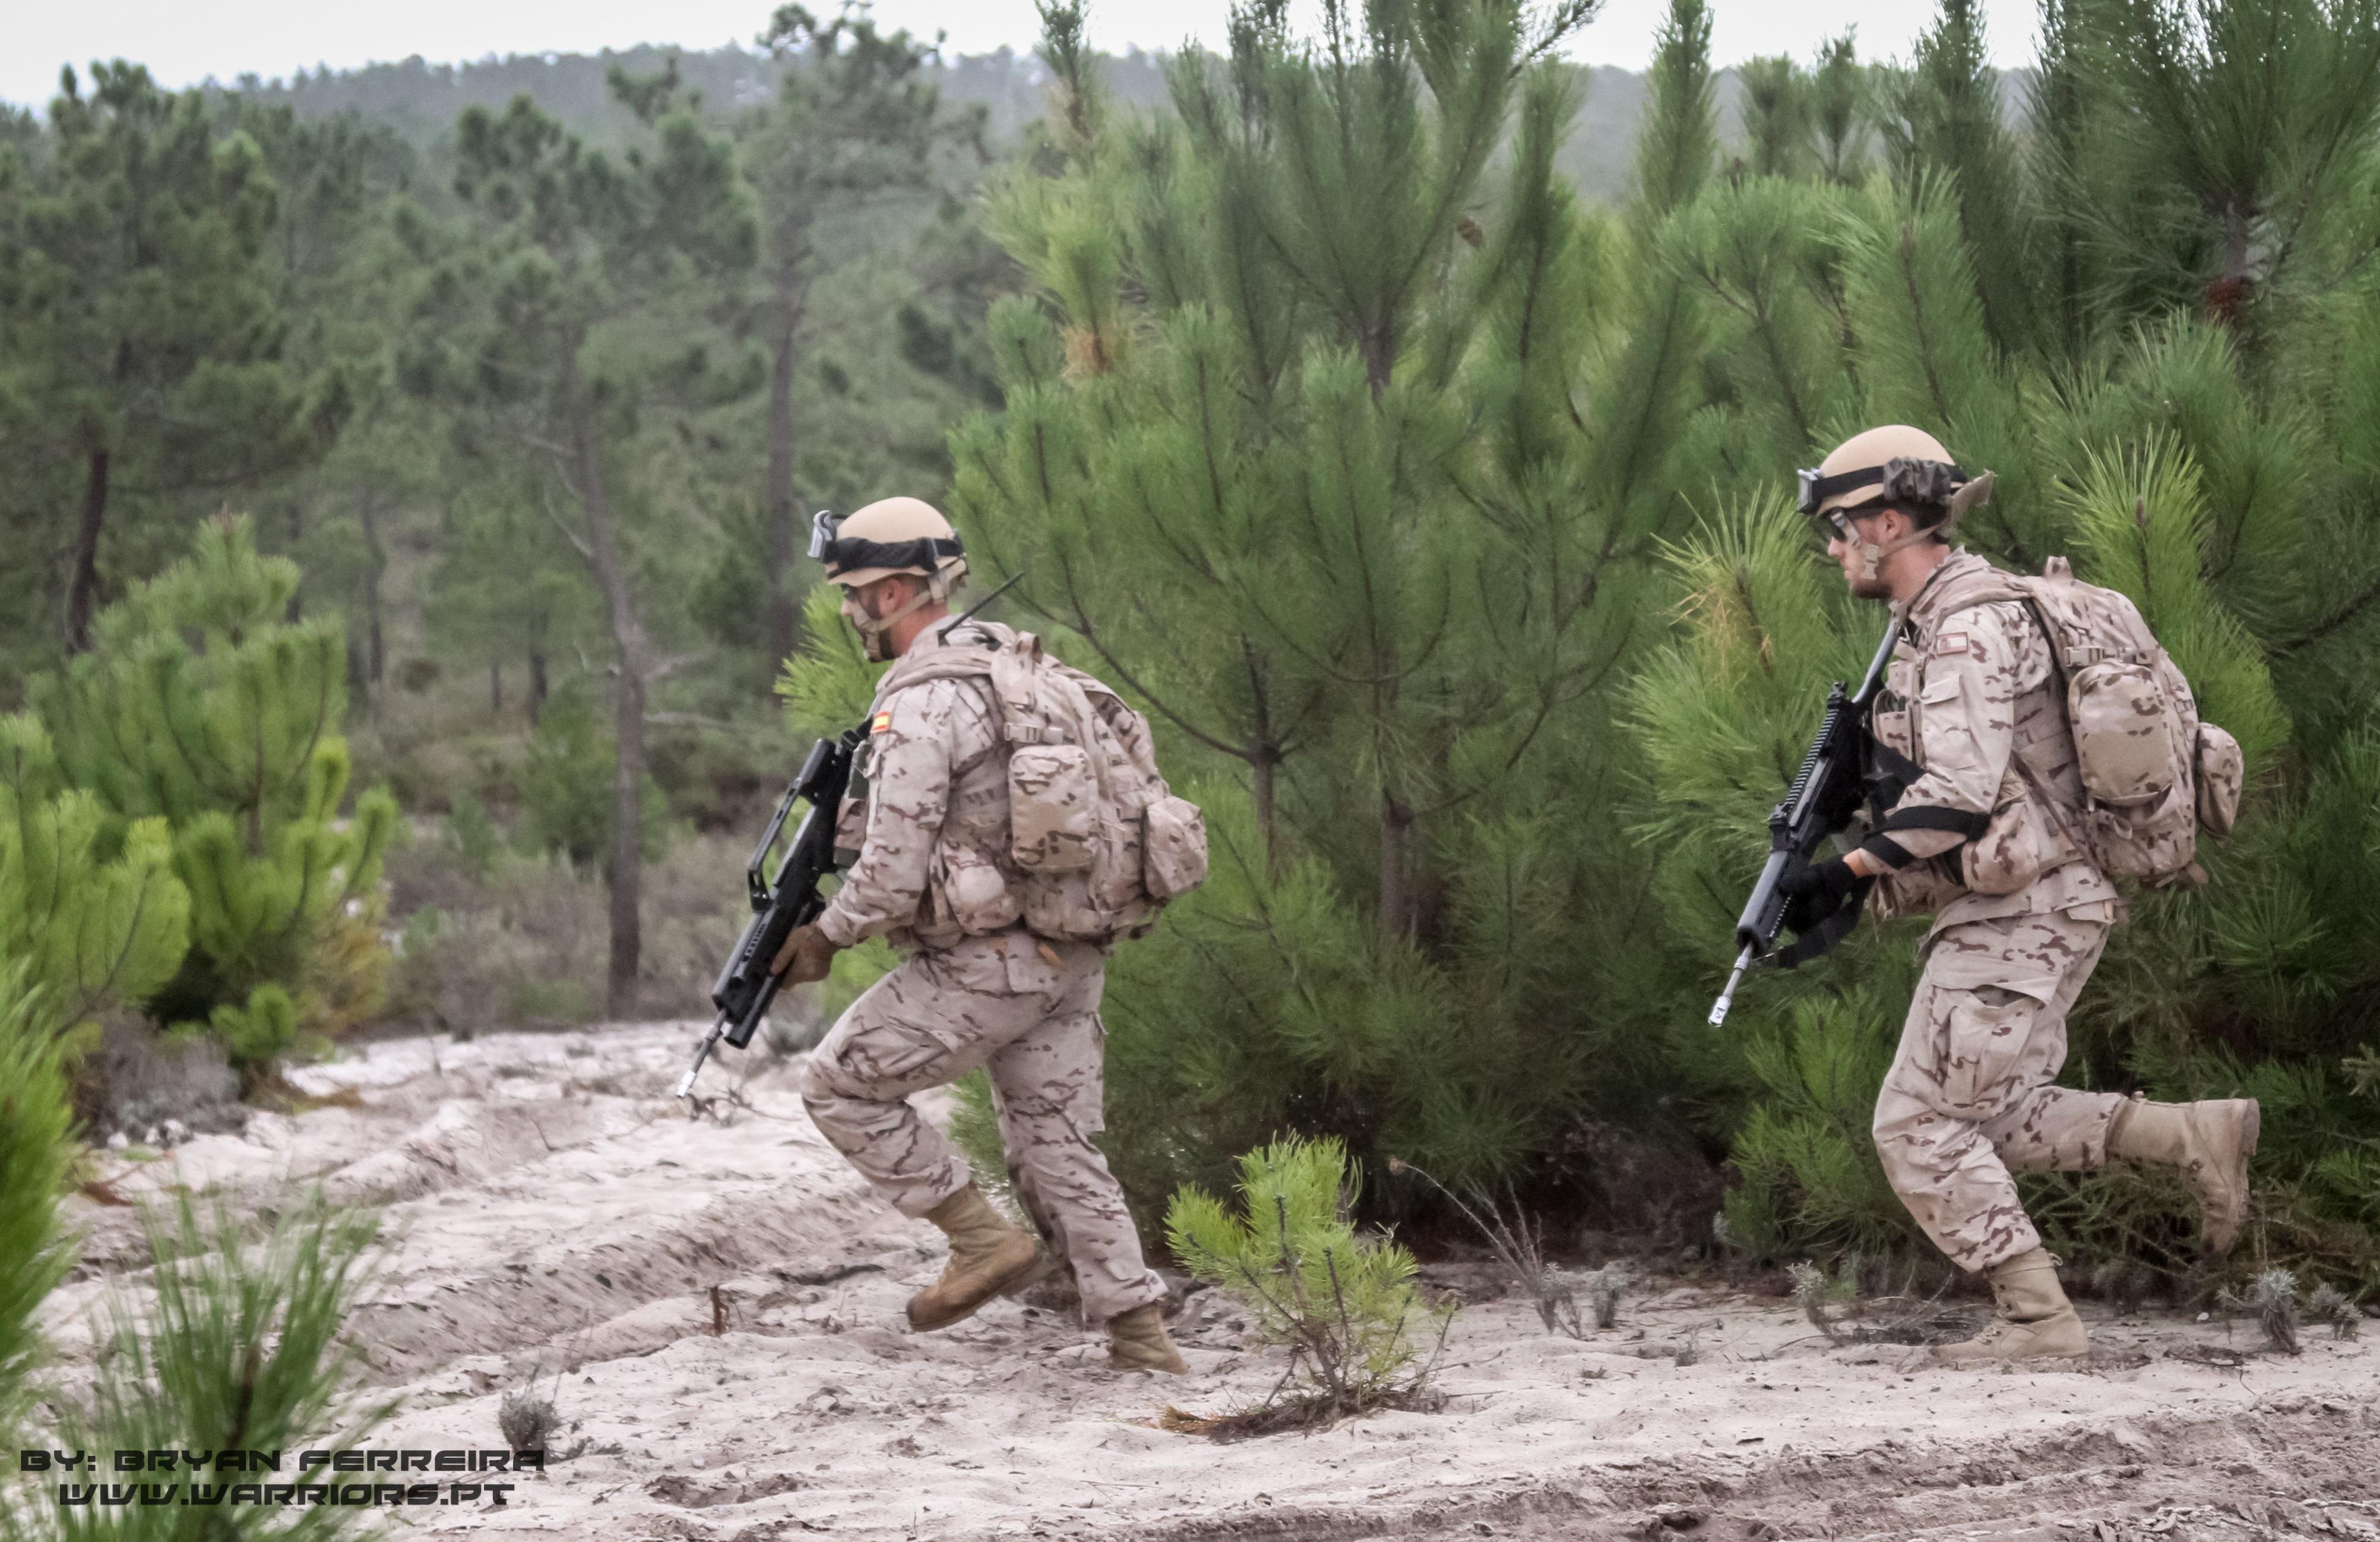 Infantaria da Marinha Espanhola armada com HK G36 movimenta-se para um objectivo